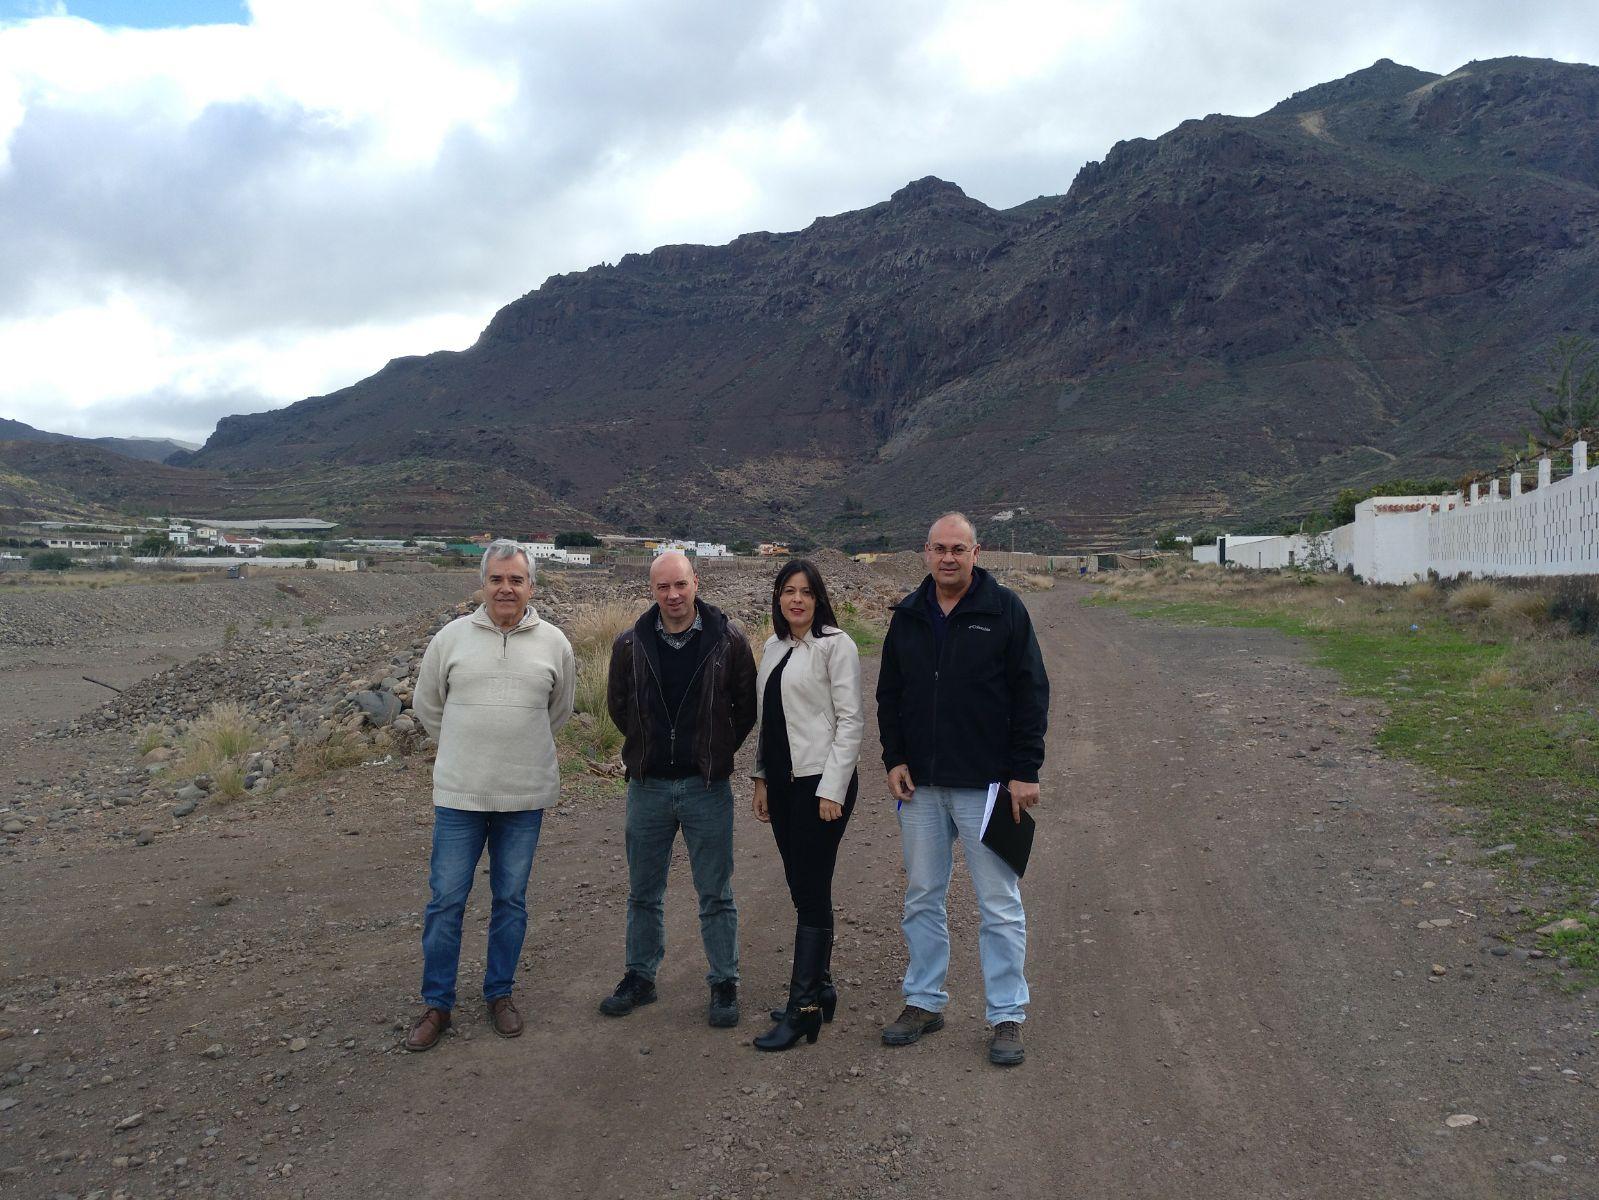 Obras habilita un espacio para la práctica deportiva y como ruta botánica en La Aldea